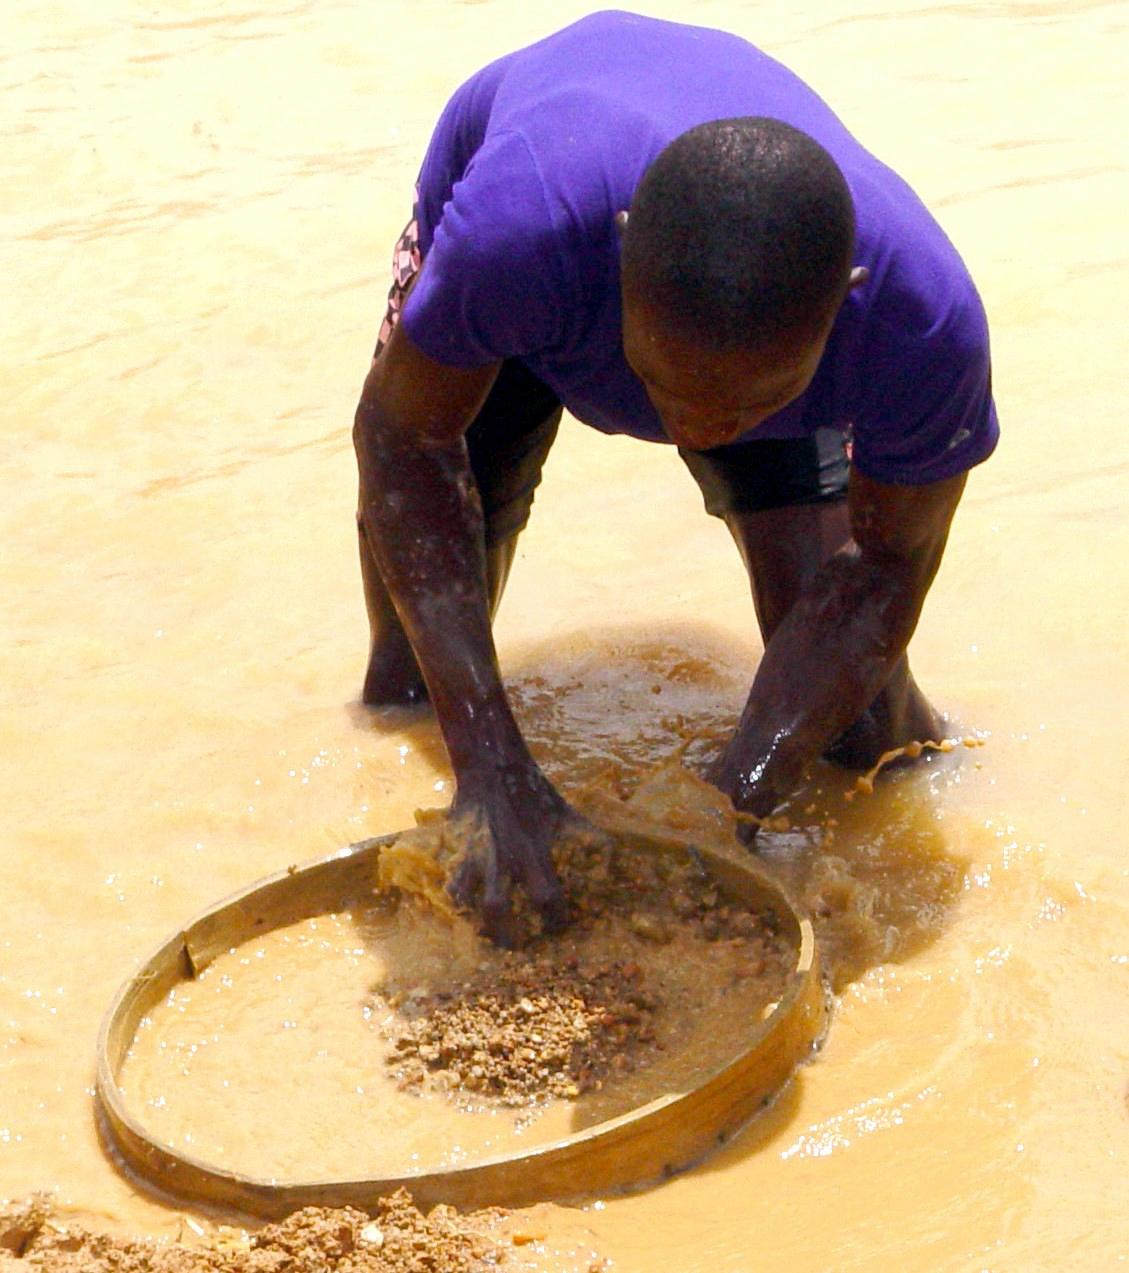 Un párroco de Sierra Leona encuentra un diamante de 706 quilates